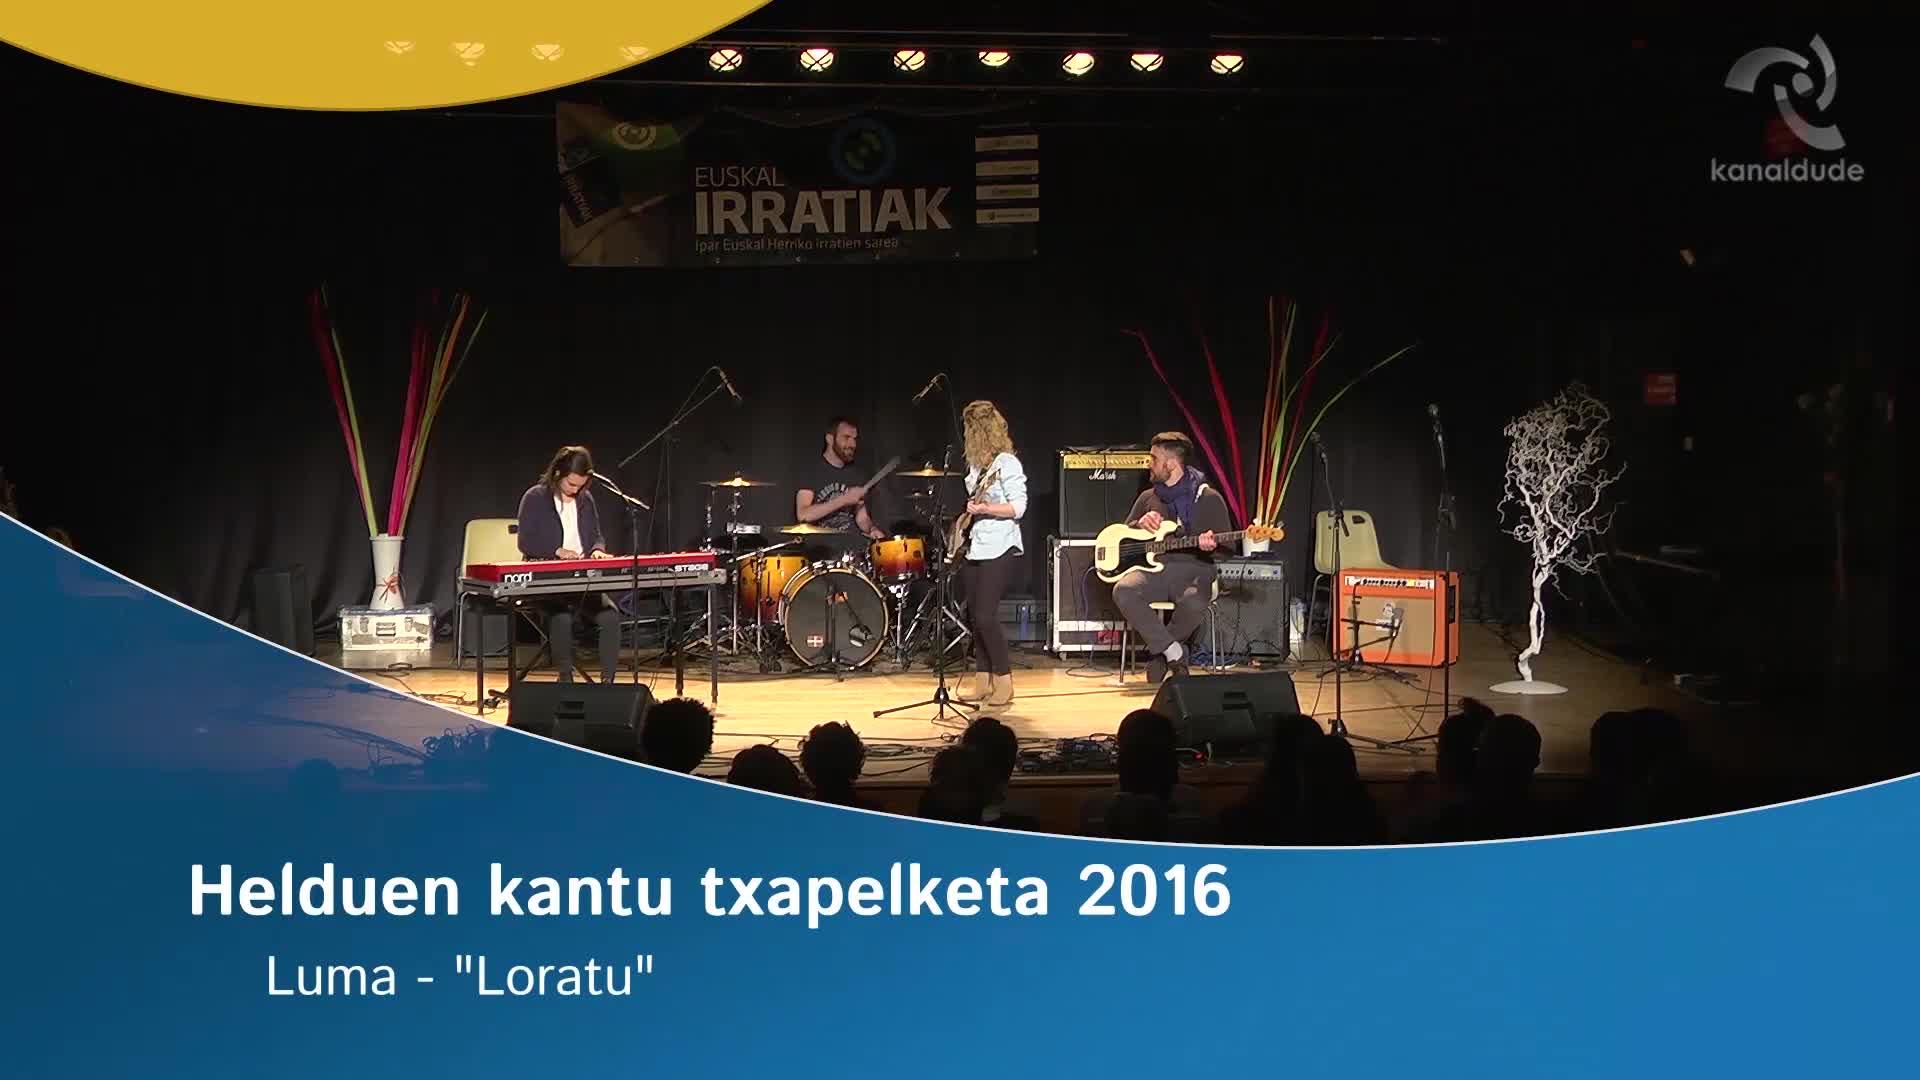 """Helduen Kantu Txapelketa 2016: Luma """"Loratu"""""""